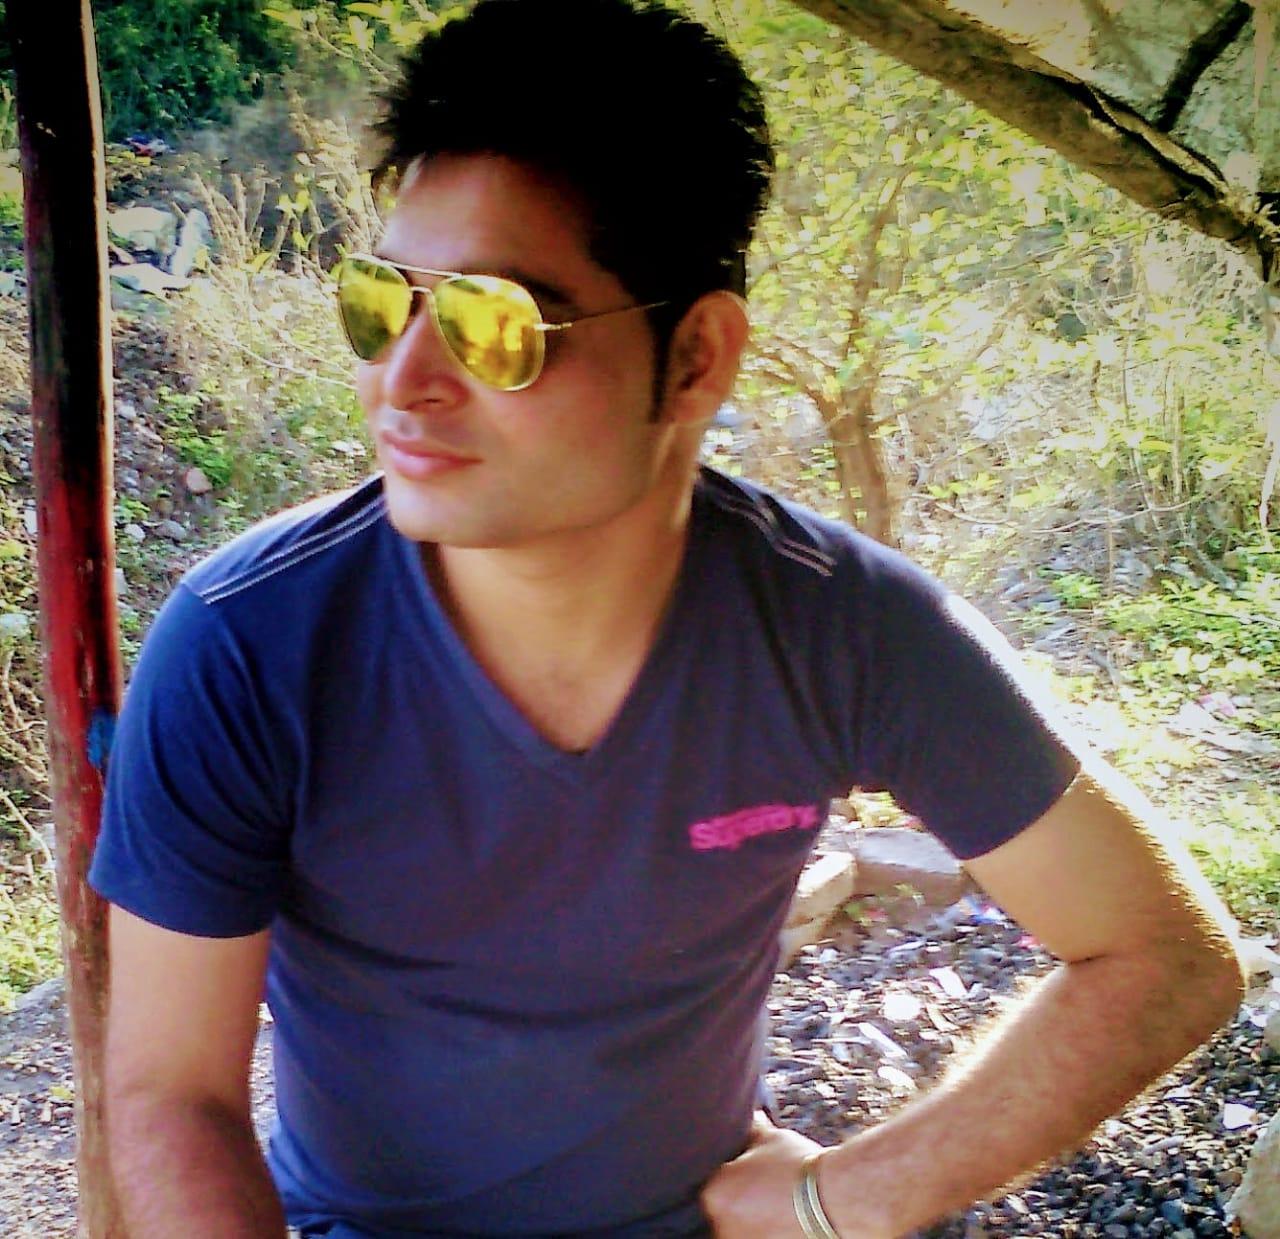 Manish Ahuja